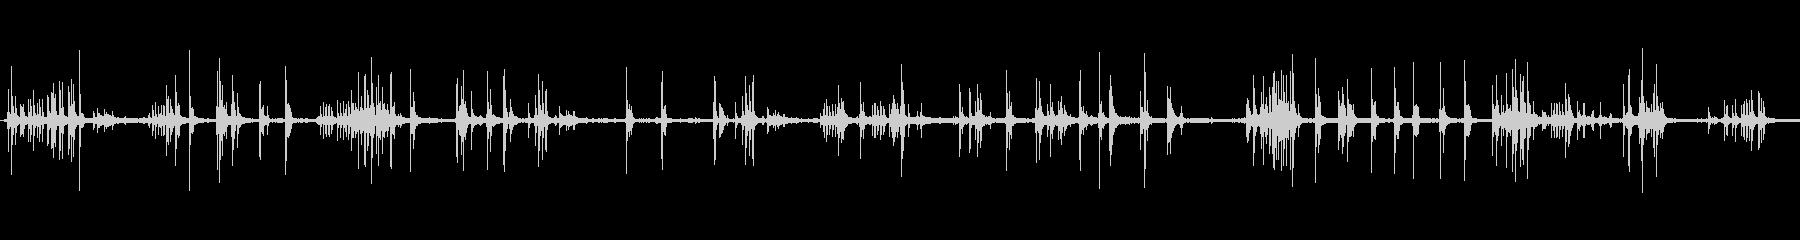 フリッパーマシン、ピンボール、メカ...の未再生の波形